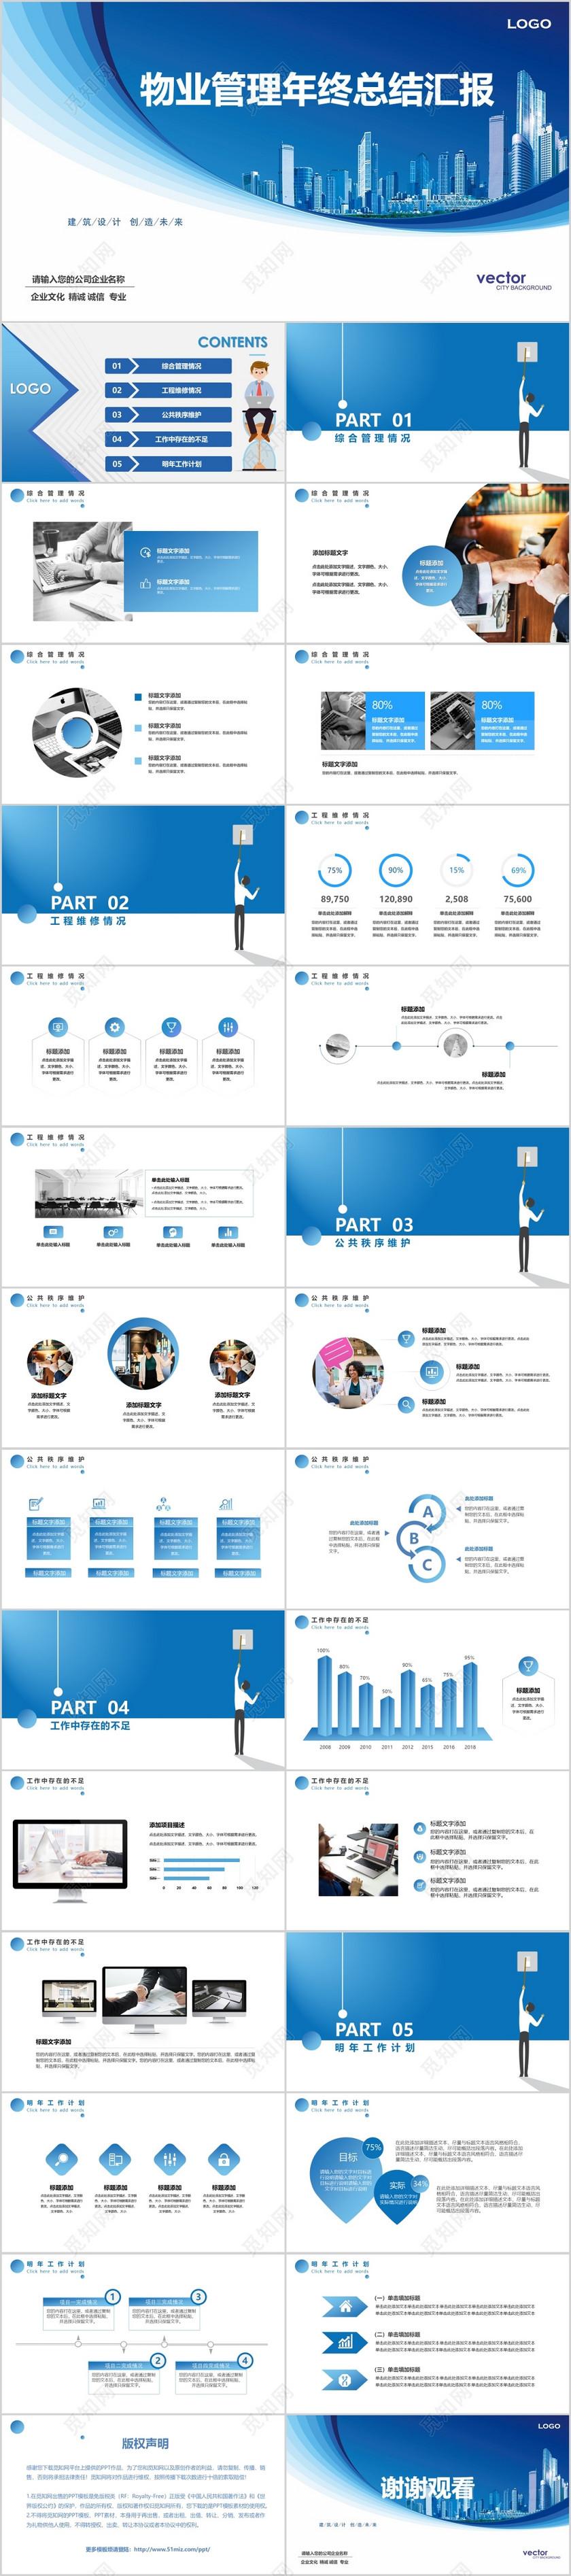 物业管理年终总结报告蓝色渐变线条PPT模版